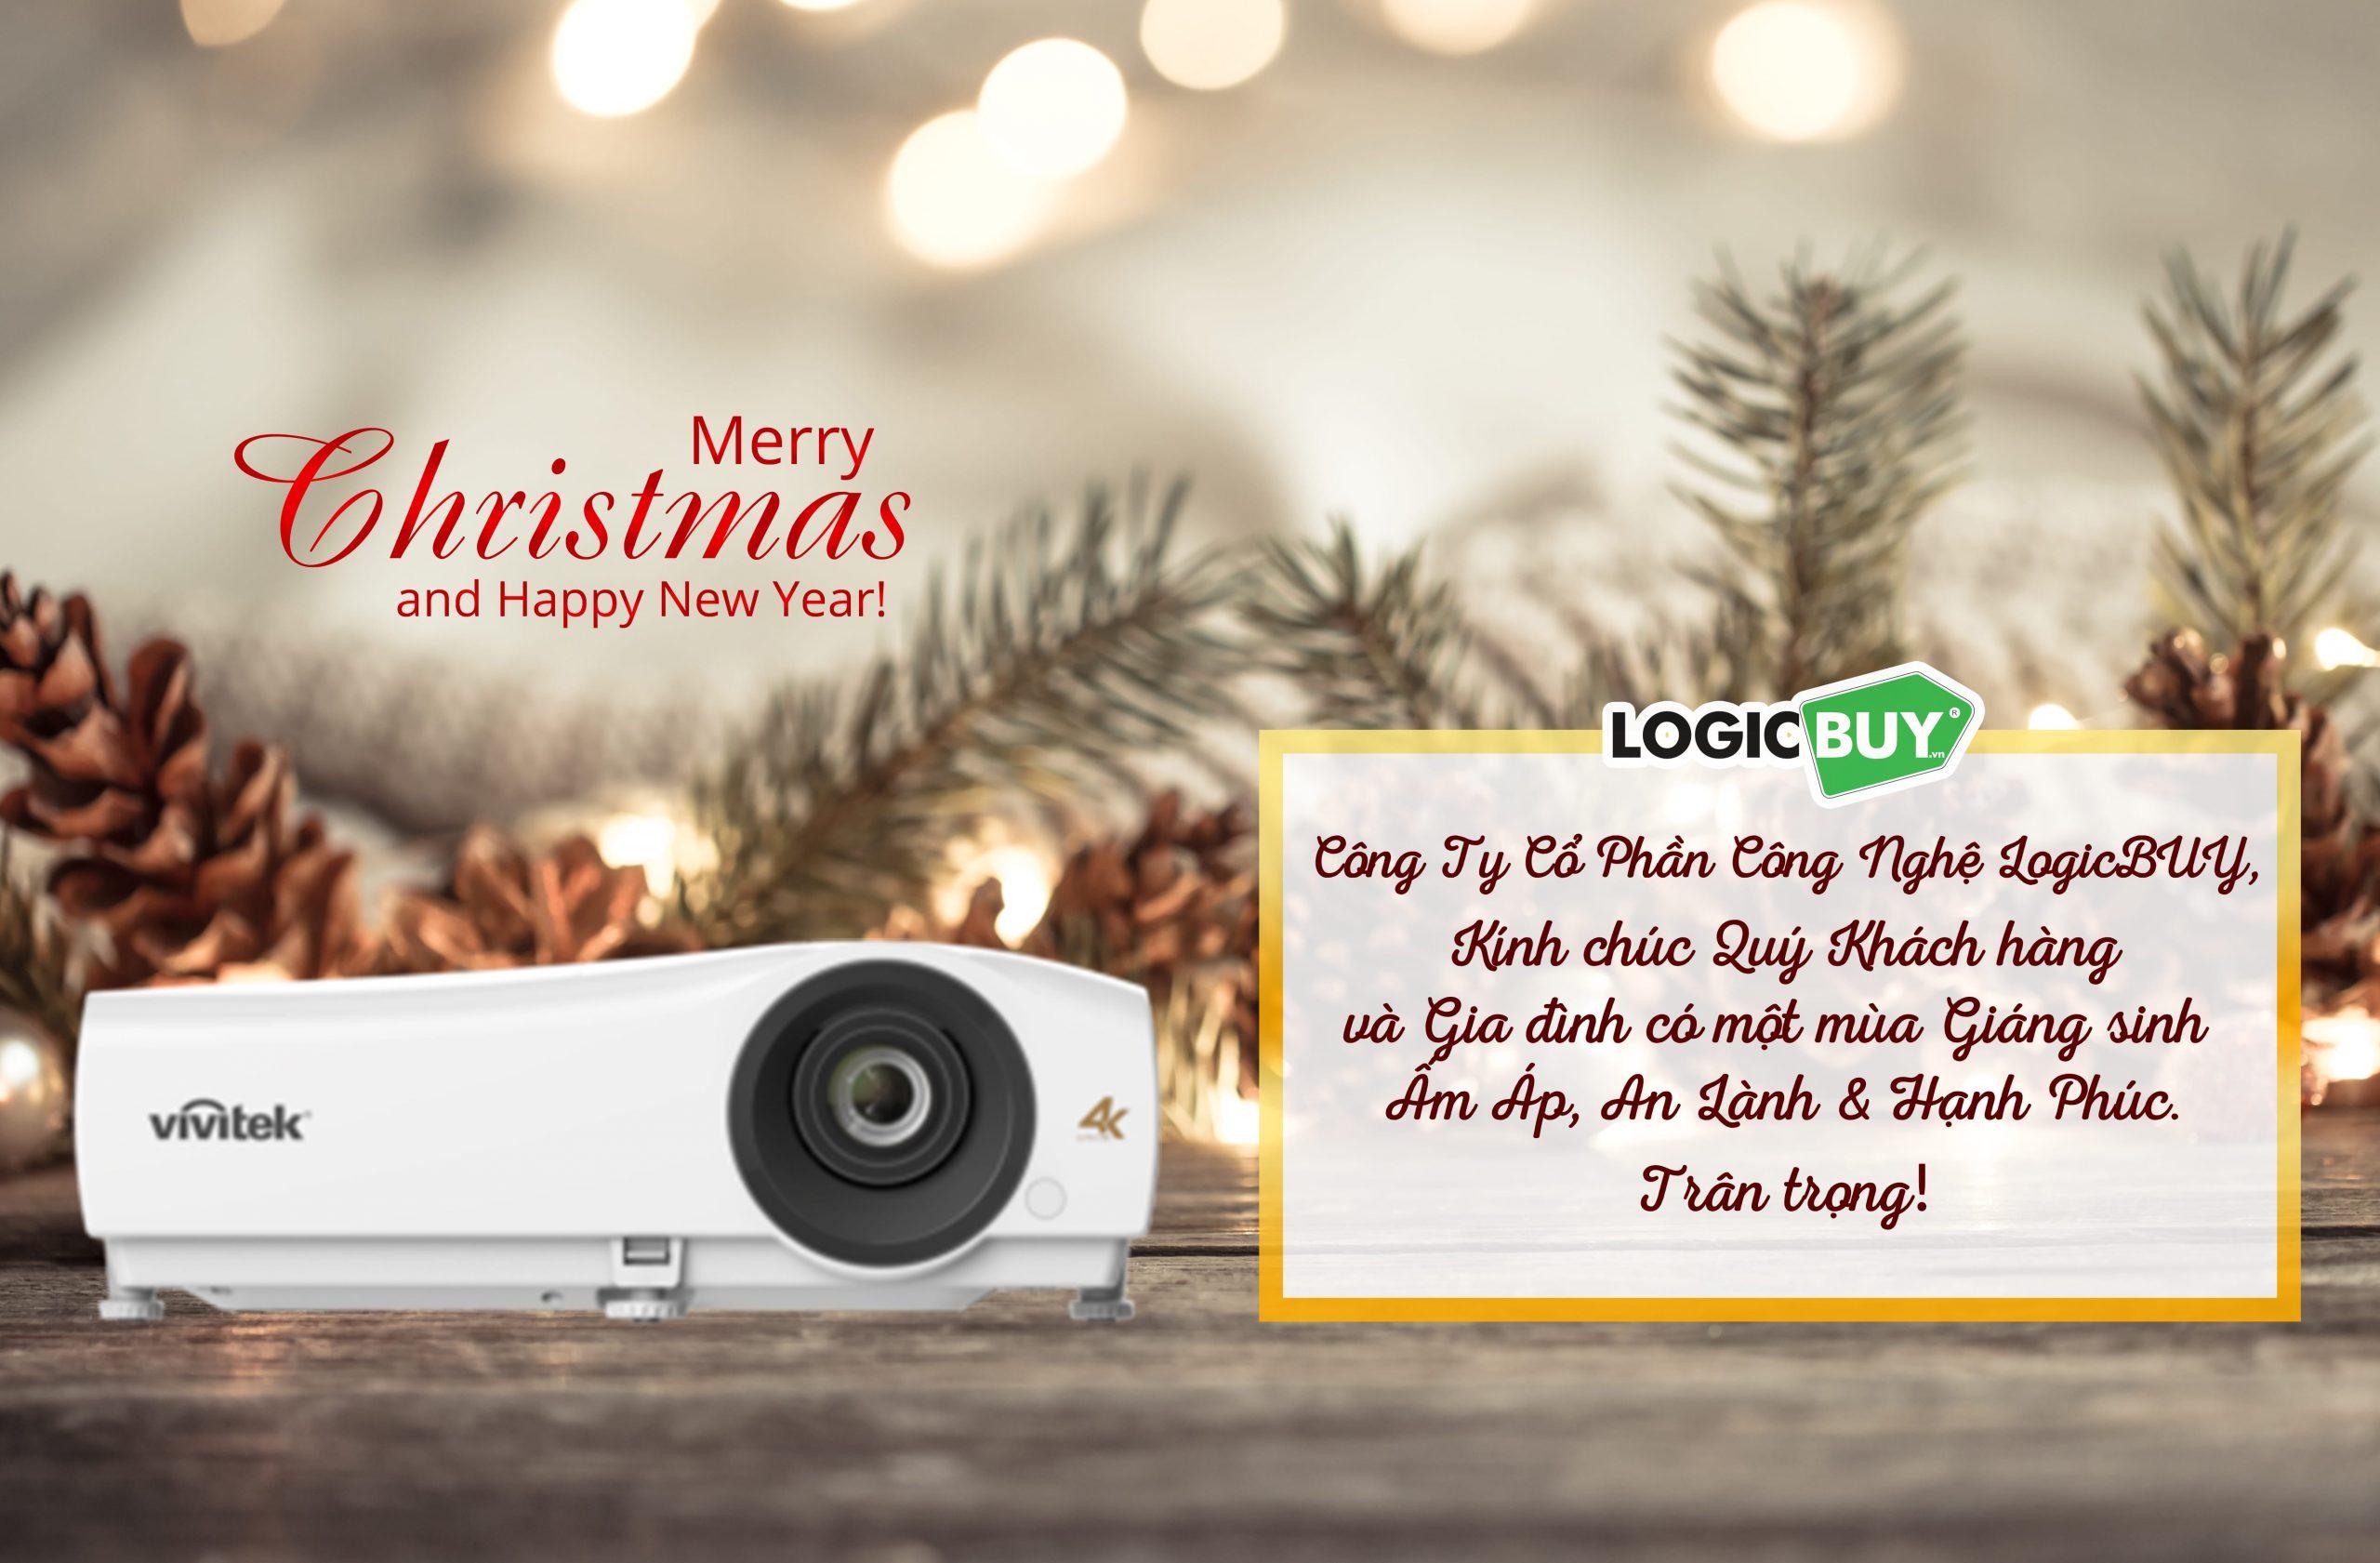 Công ty LogicBUY | Chúc mừng giáng sinh và năm mới 2021